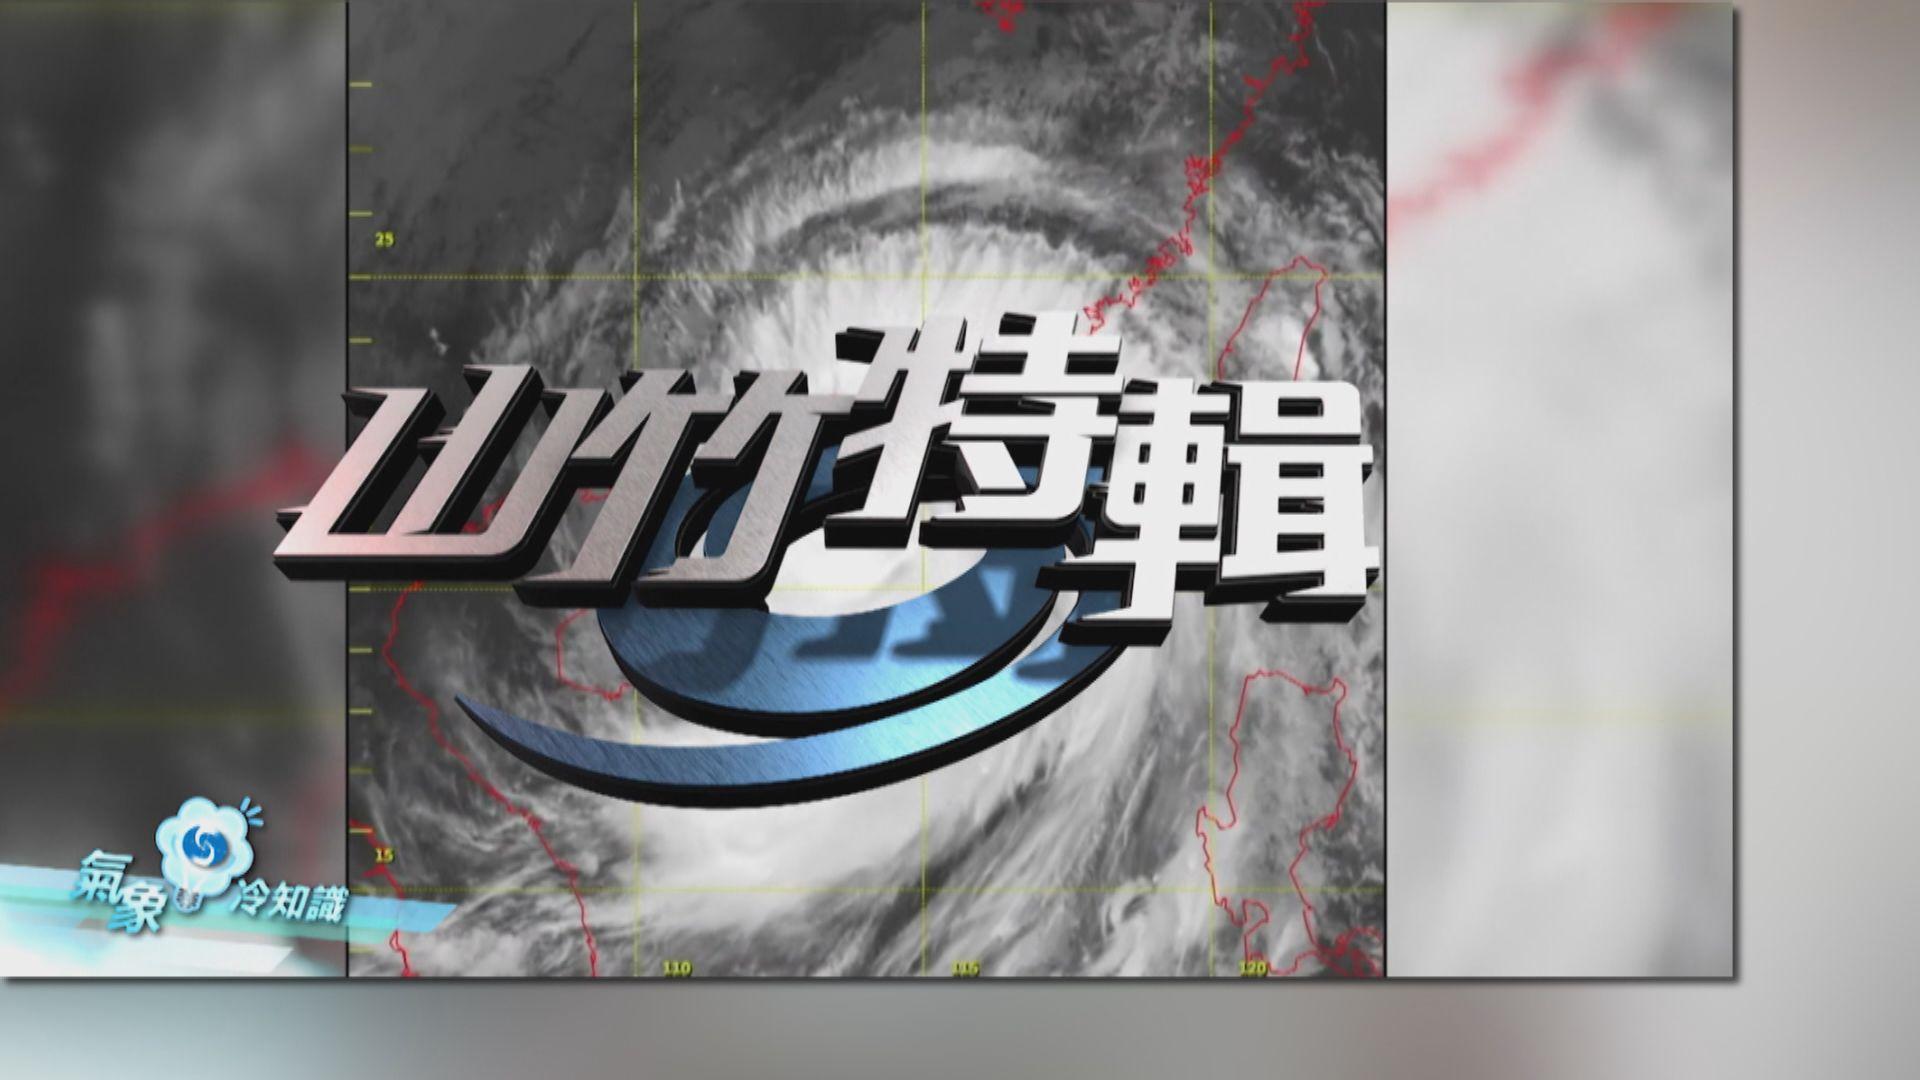 【氣象冷知識】山竹特輯(二)解剖風王